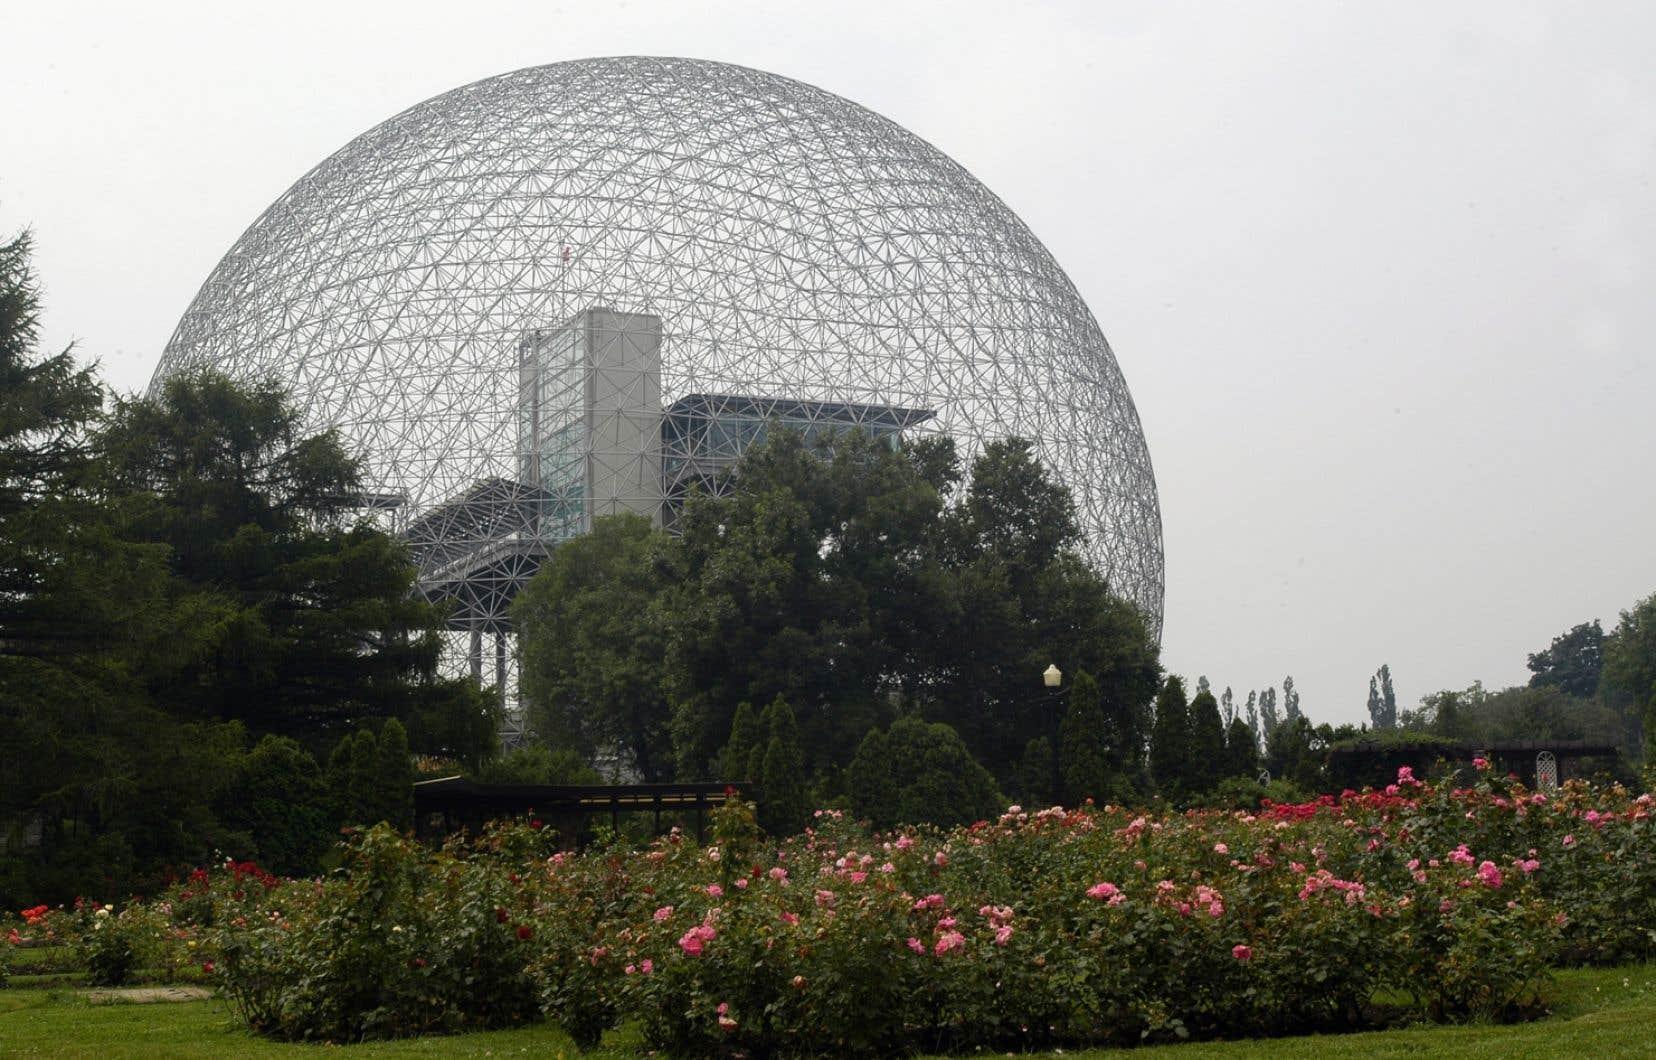 Le sort réservé à la Biosphère n'a pas que des impacts touristiques. Environnement du Canada fut un grand producteur de connaissances scientifiques et techniques.